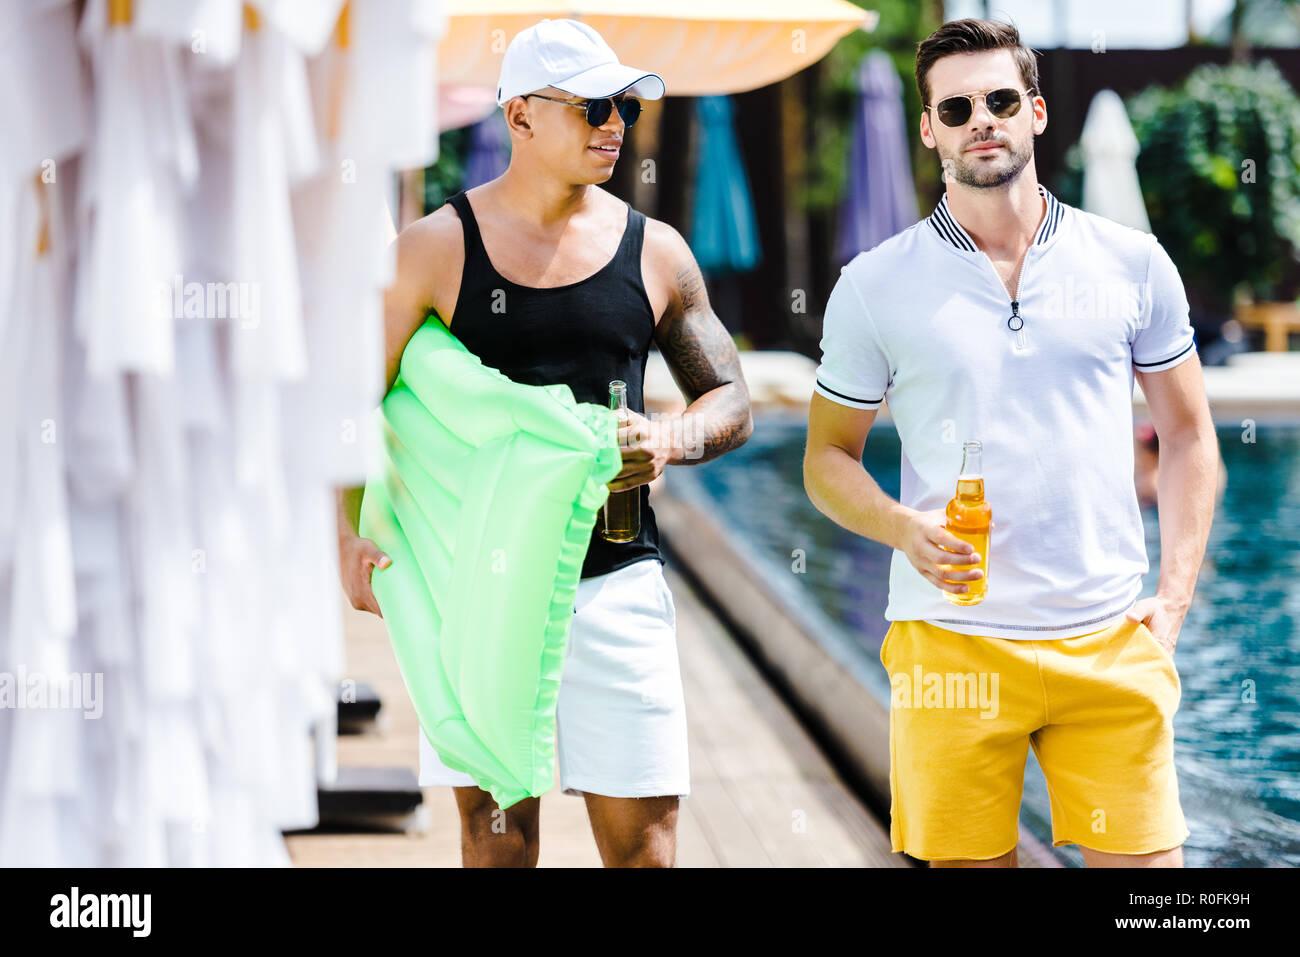 Homme amis marchant avec matelas gonflable et la bière proche piscine Photo Stock